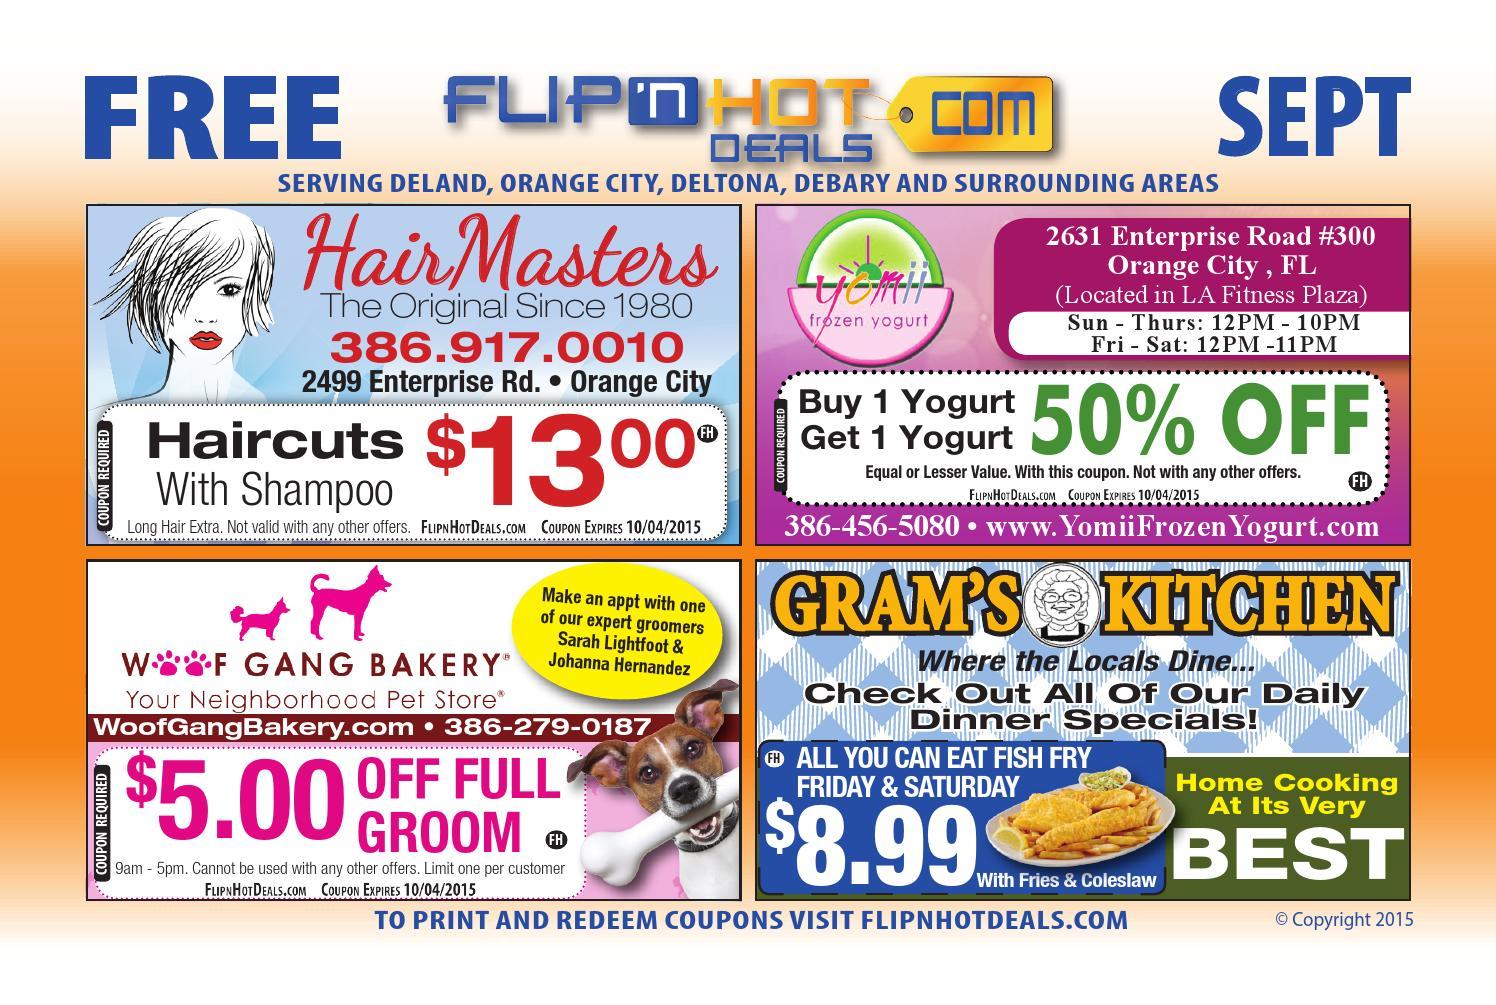 flip'nhot deals coupon book september 2015 - deland fl area